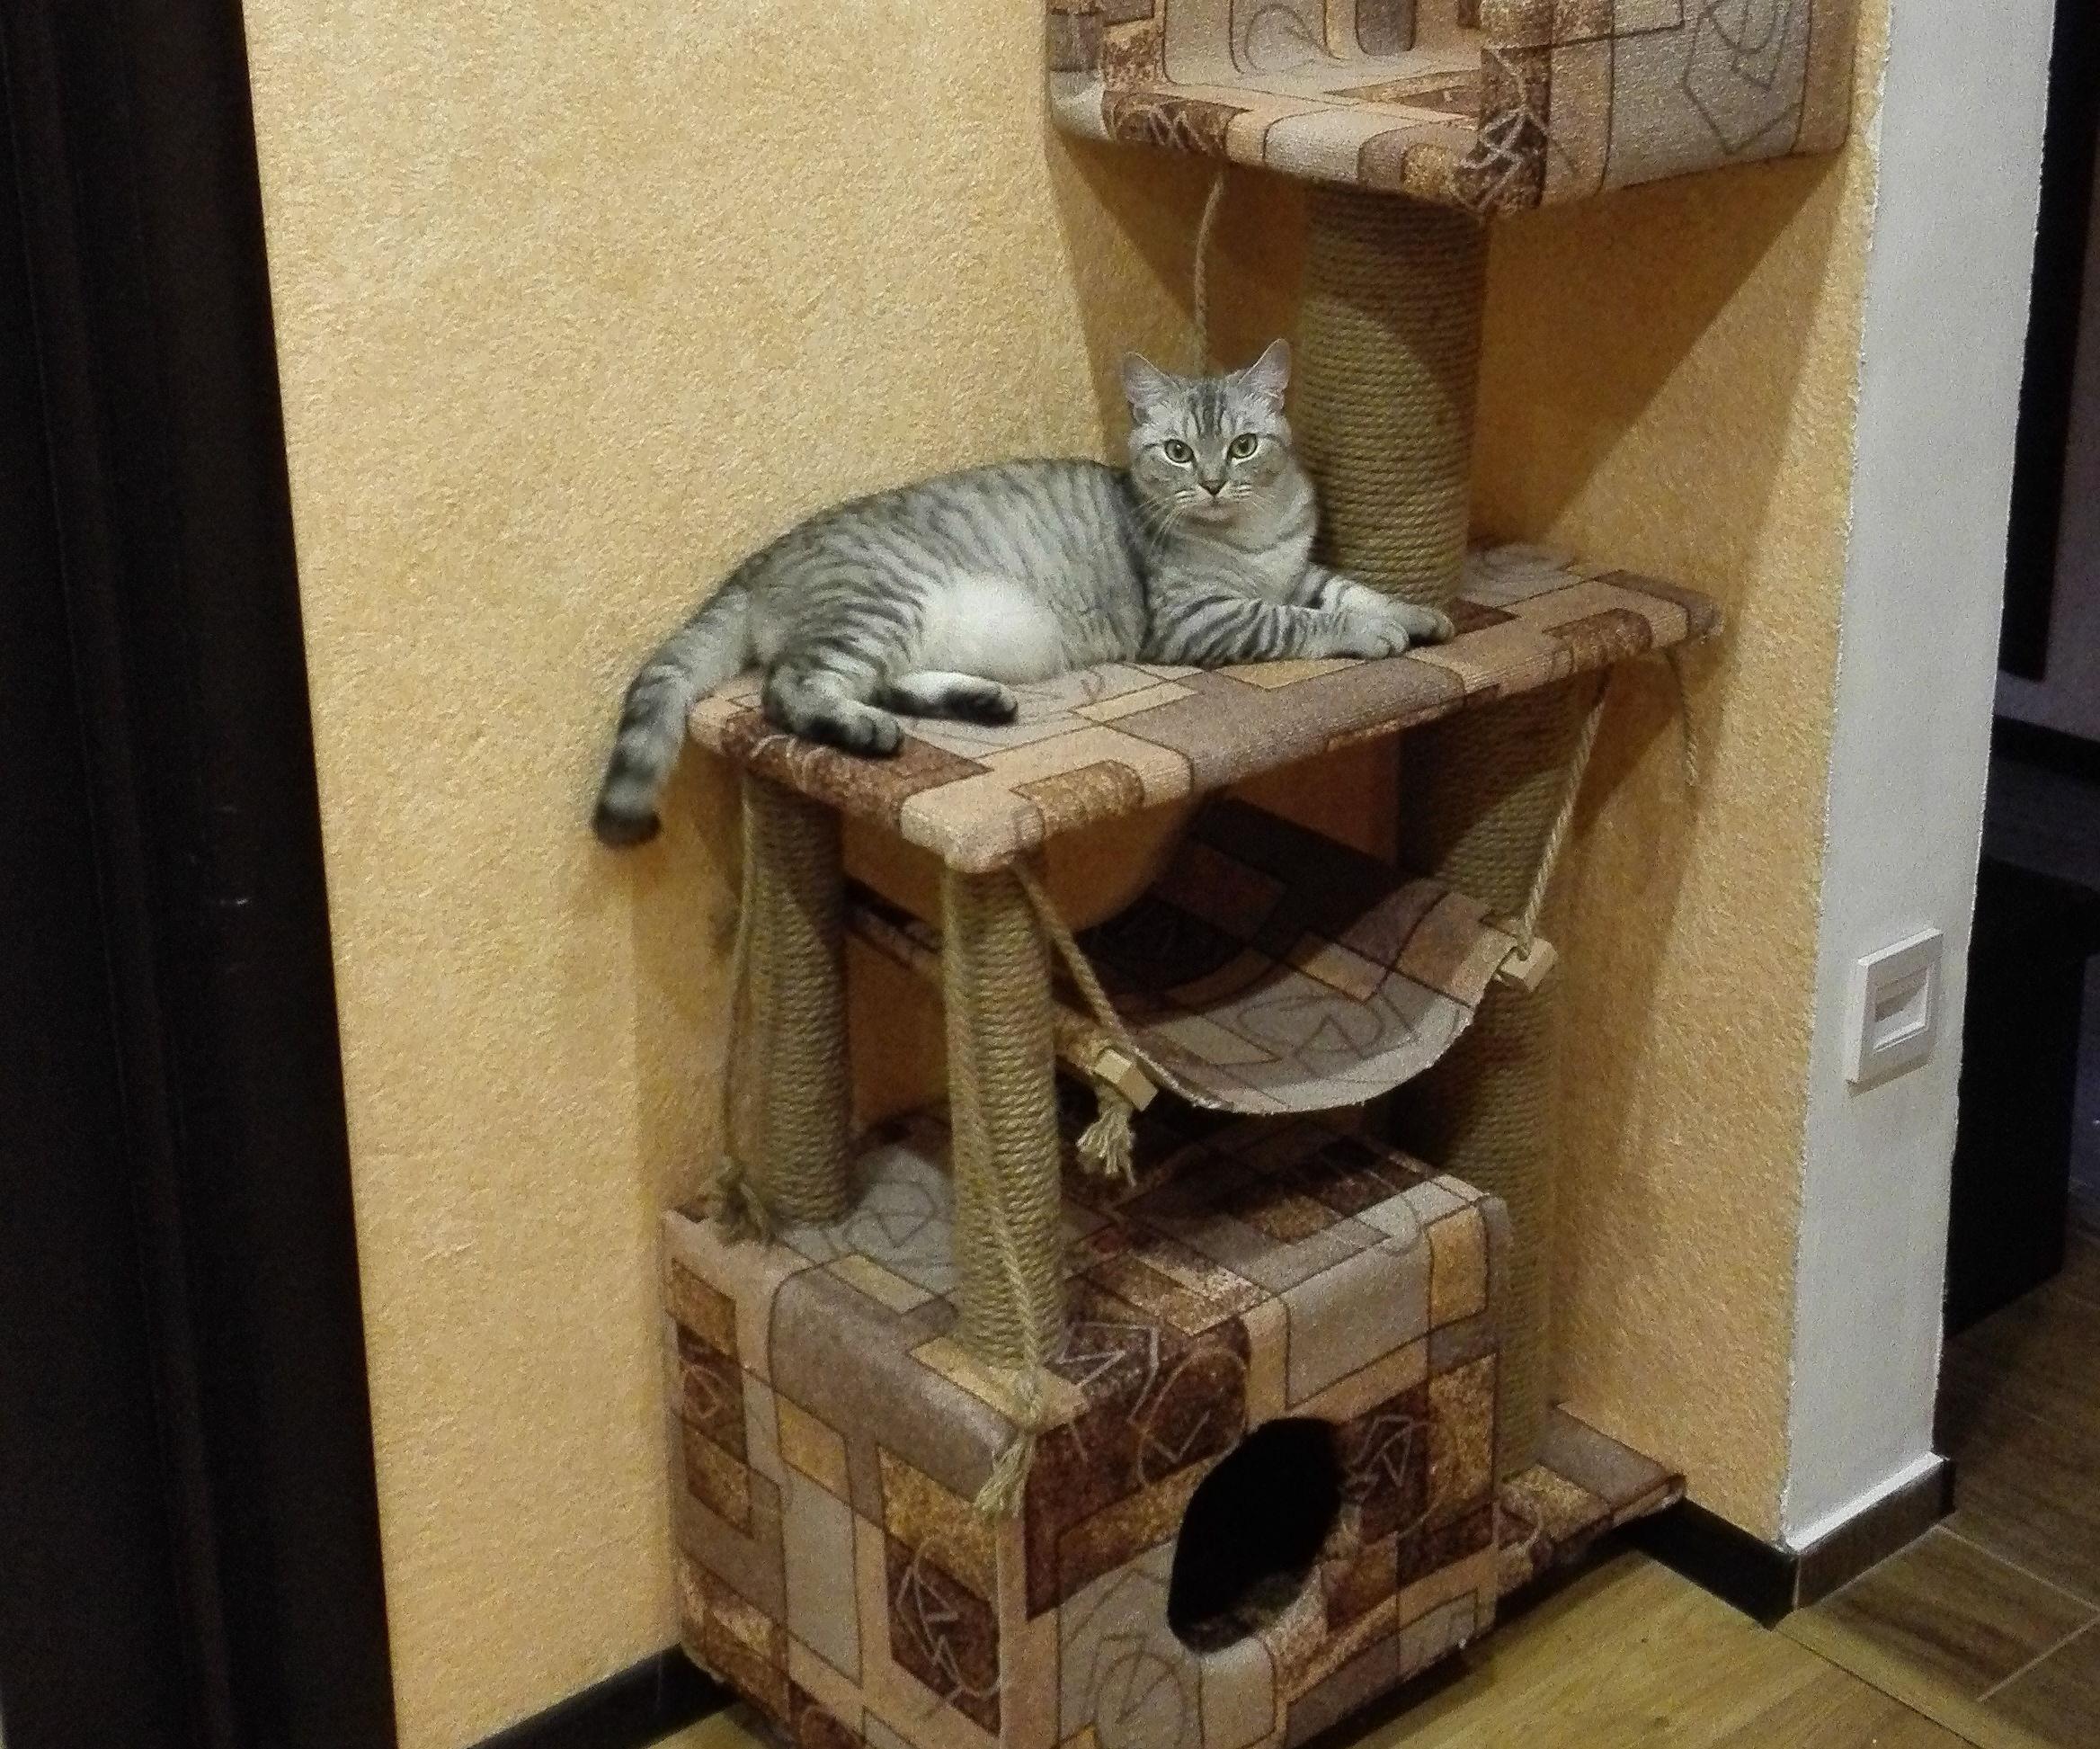 Cathouse